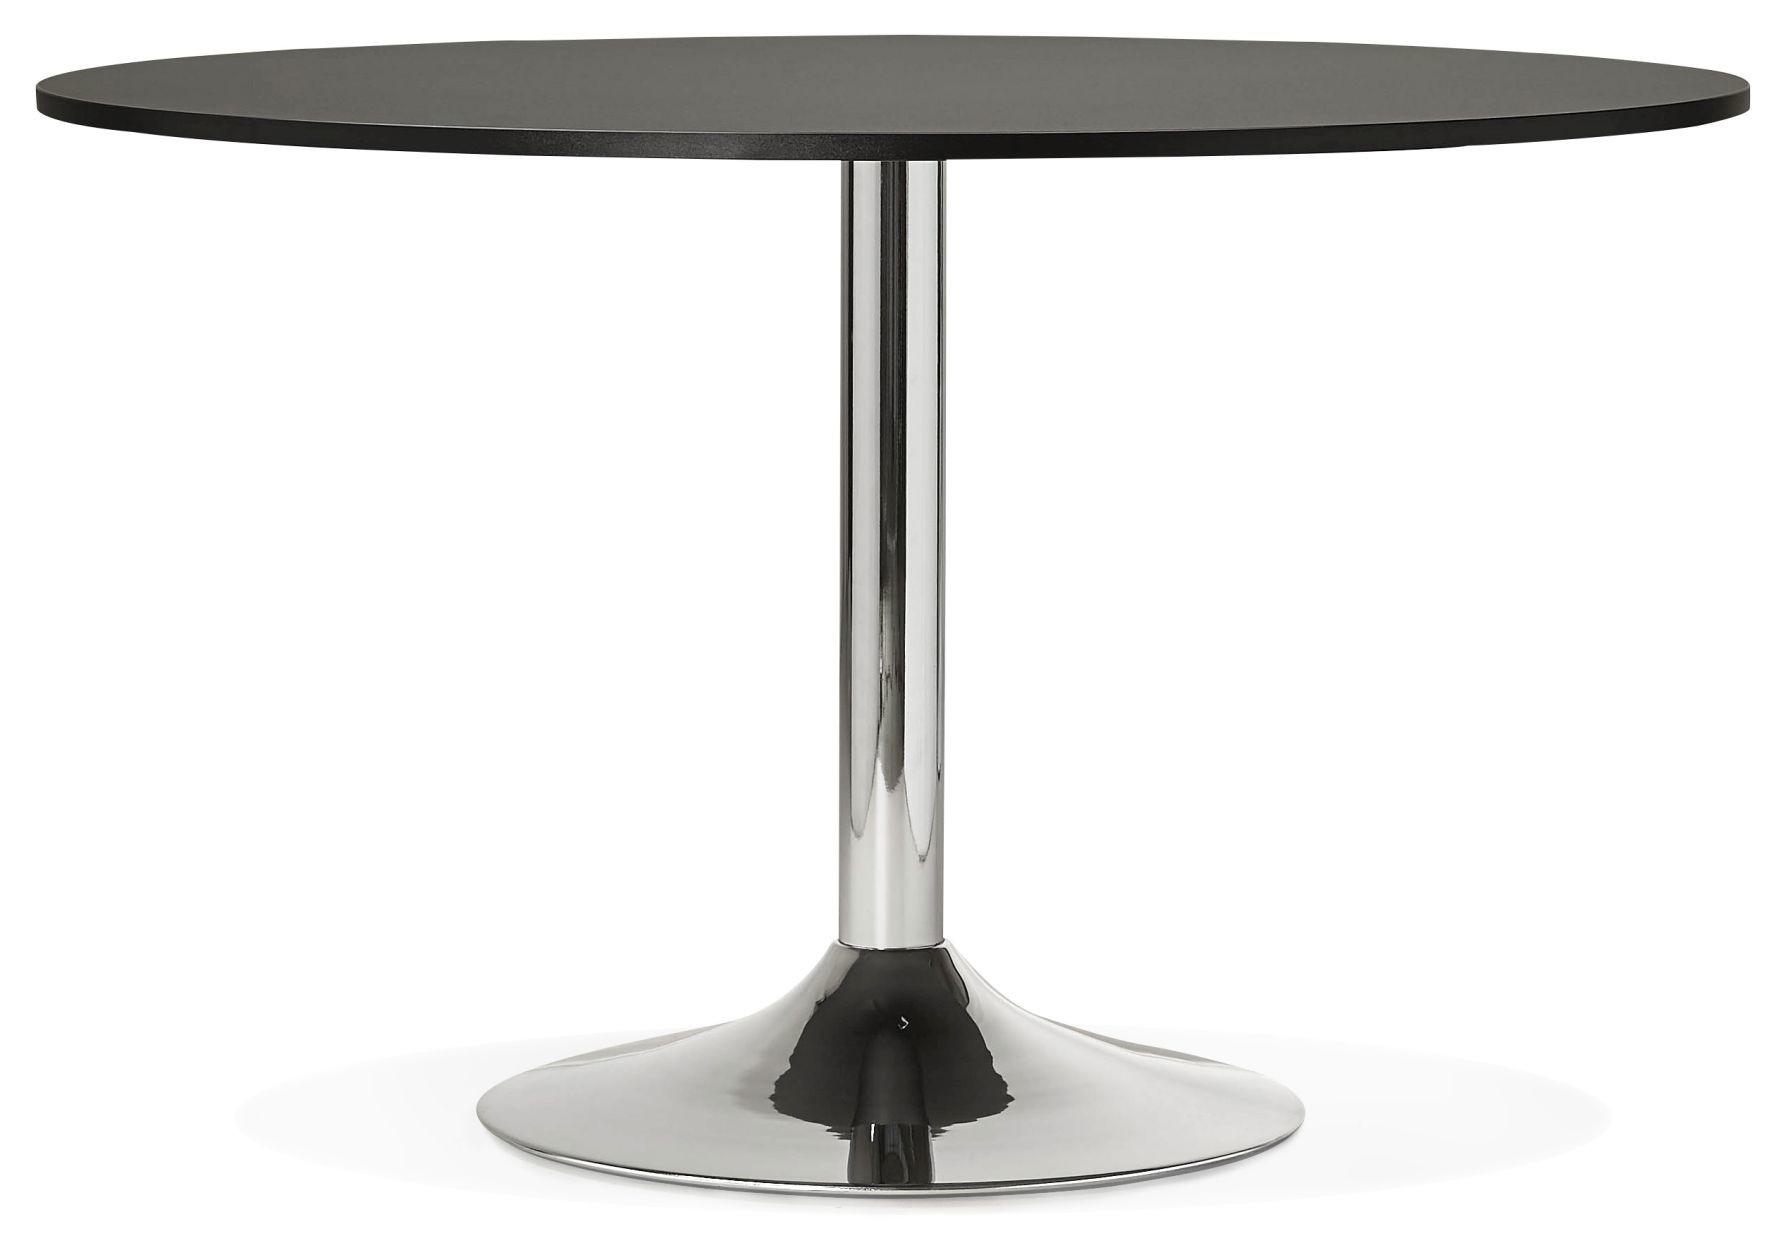 Eettafel wit hoogglans ikea ikea kastjes keuken ovale salontafel ikea torsby - Tafel design keuken ...